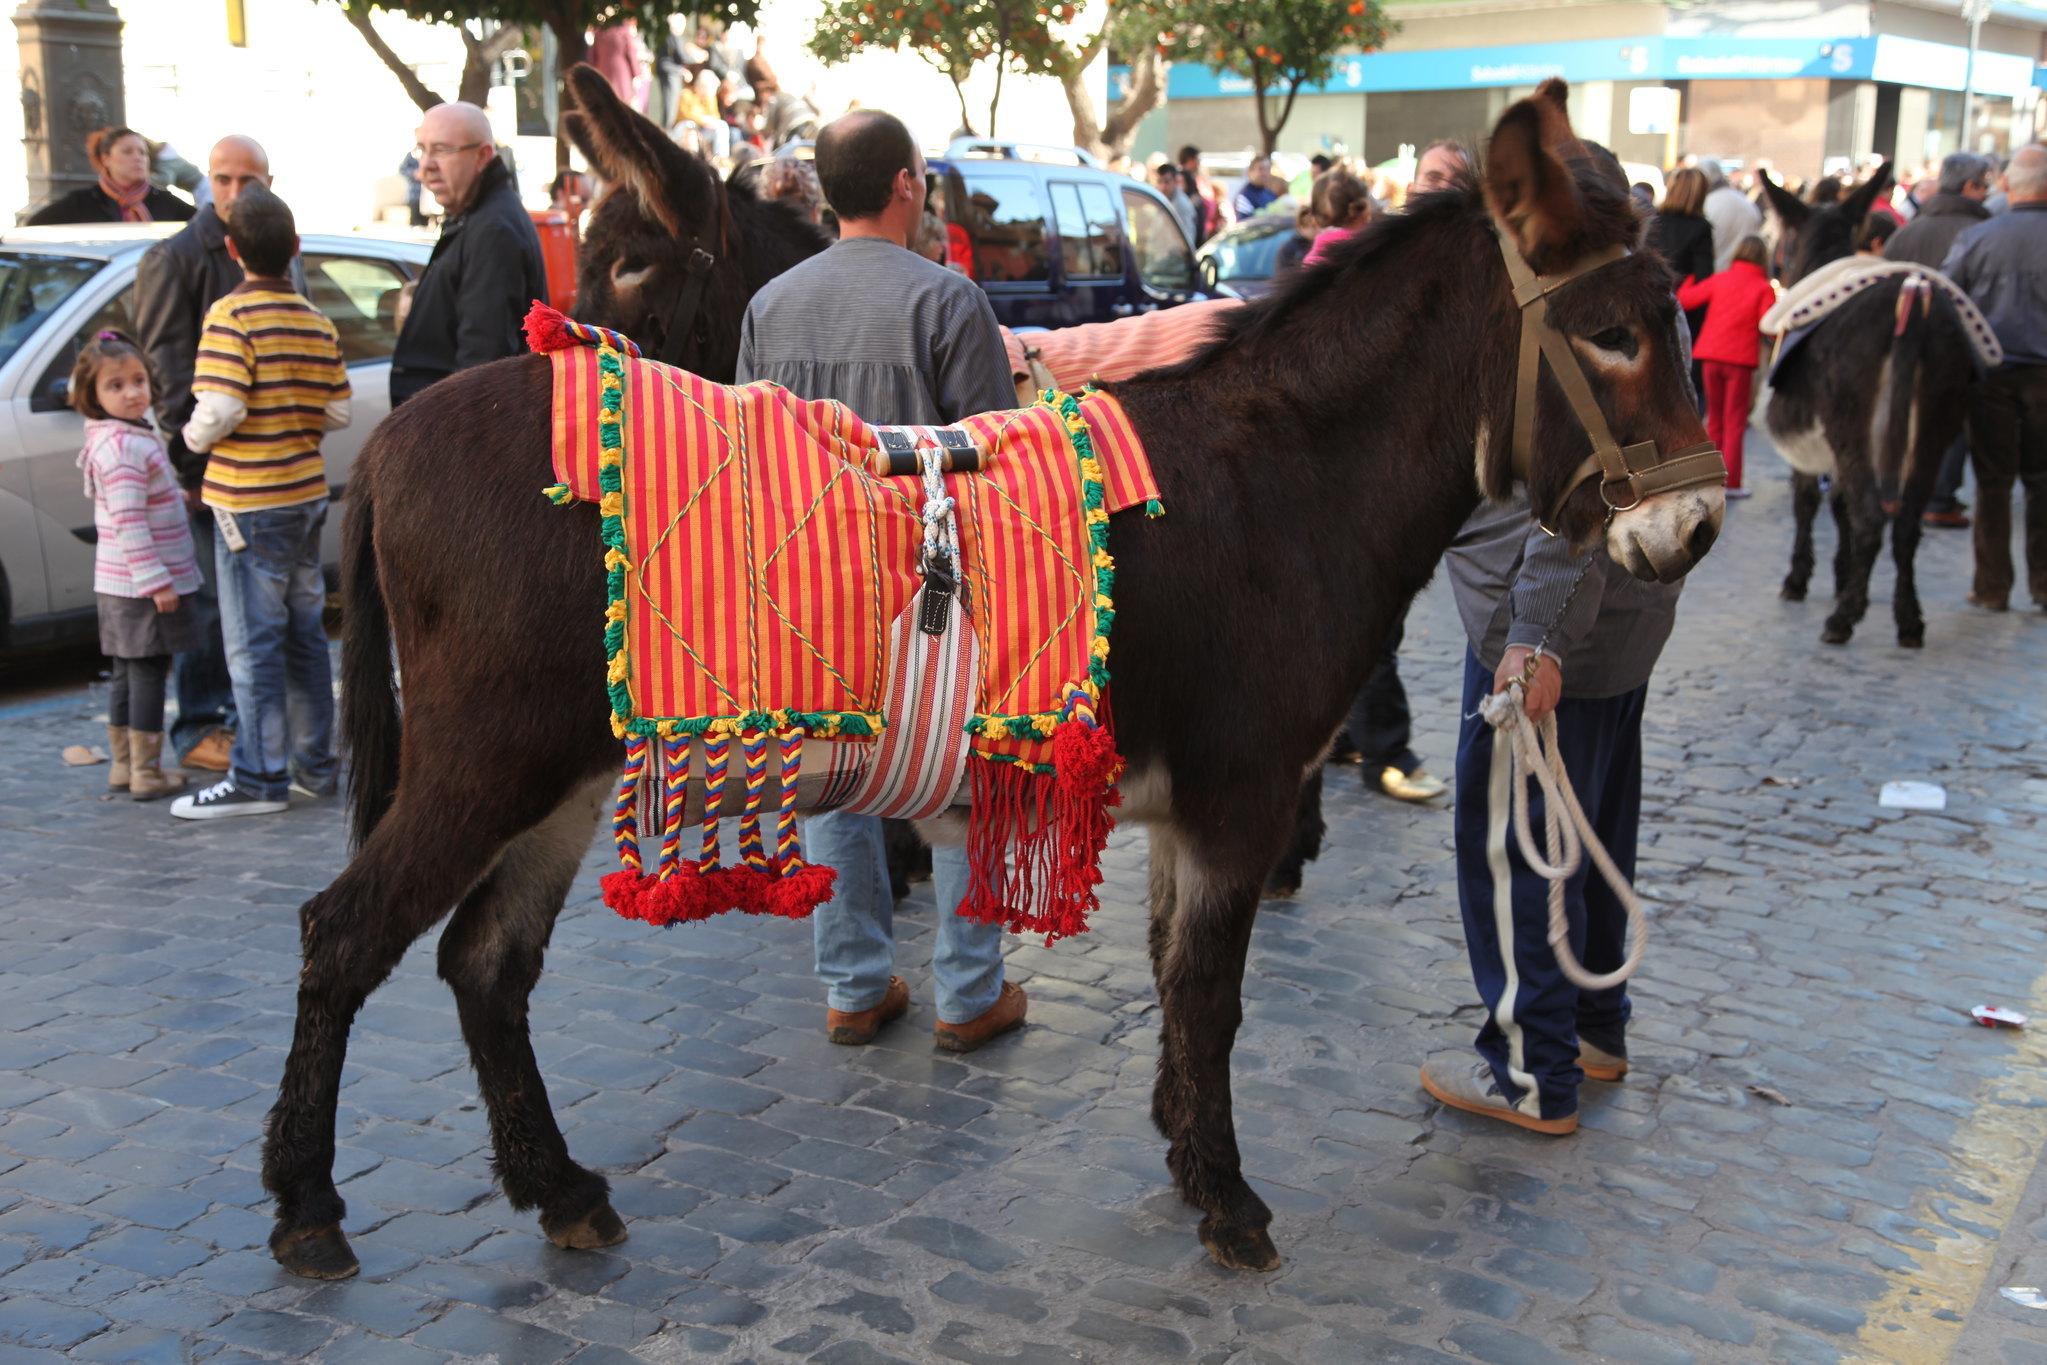 A donkey at fiesta